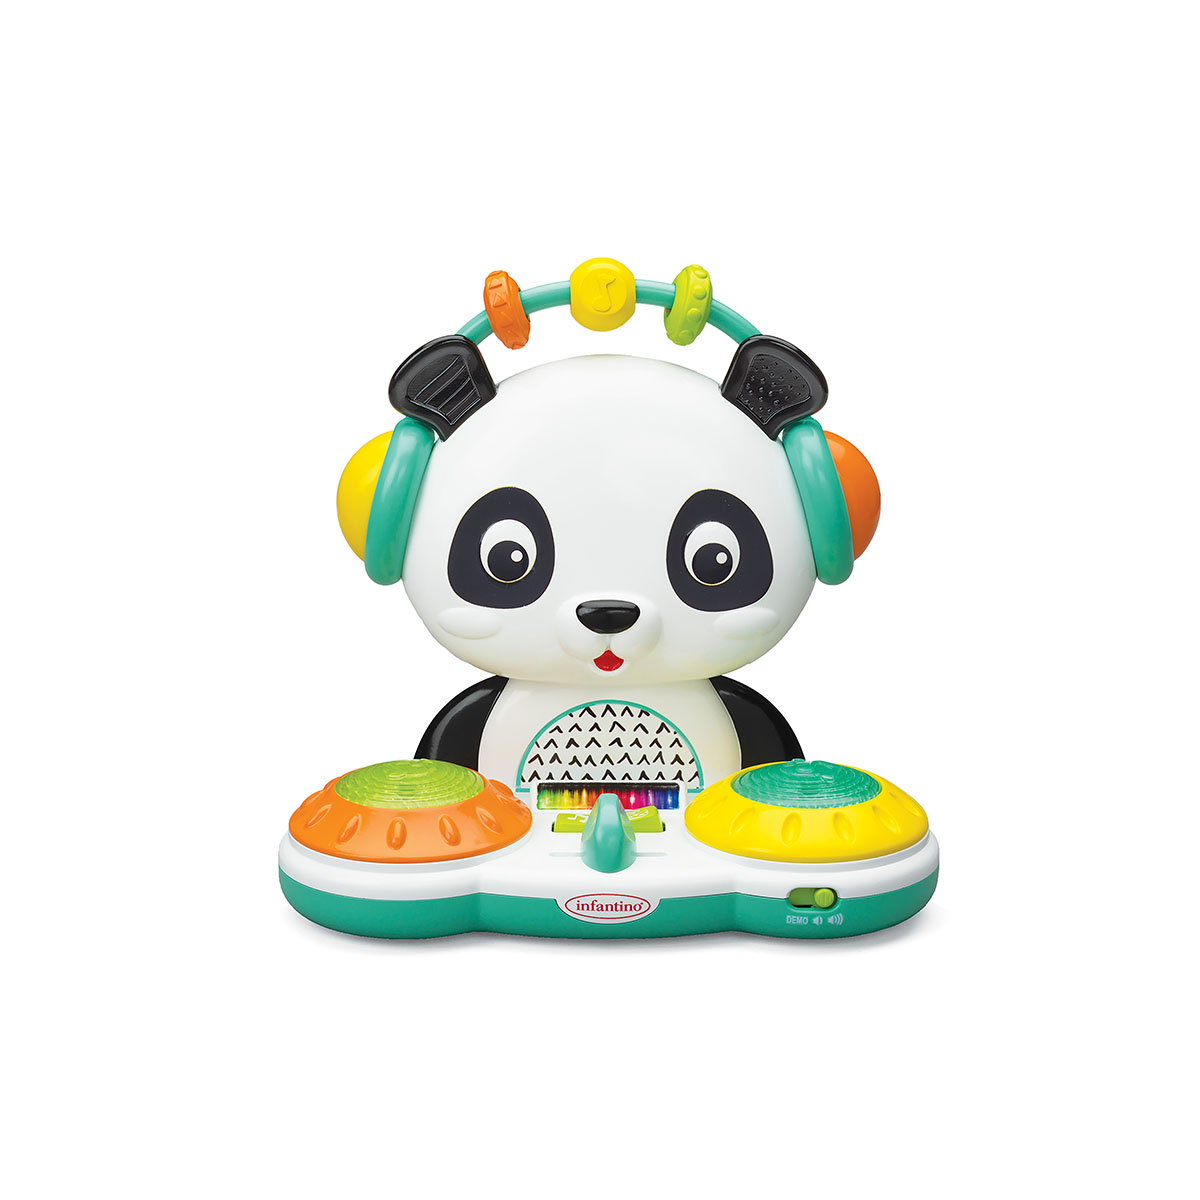 Infantino muzička/edikativna igračka Spin and slide Panda